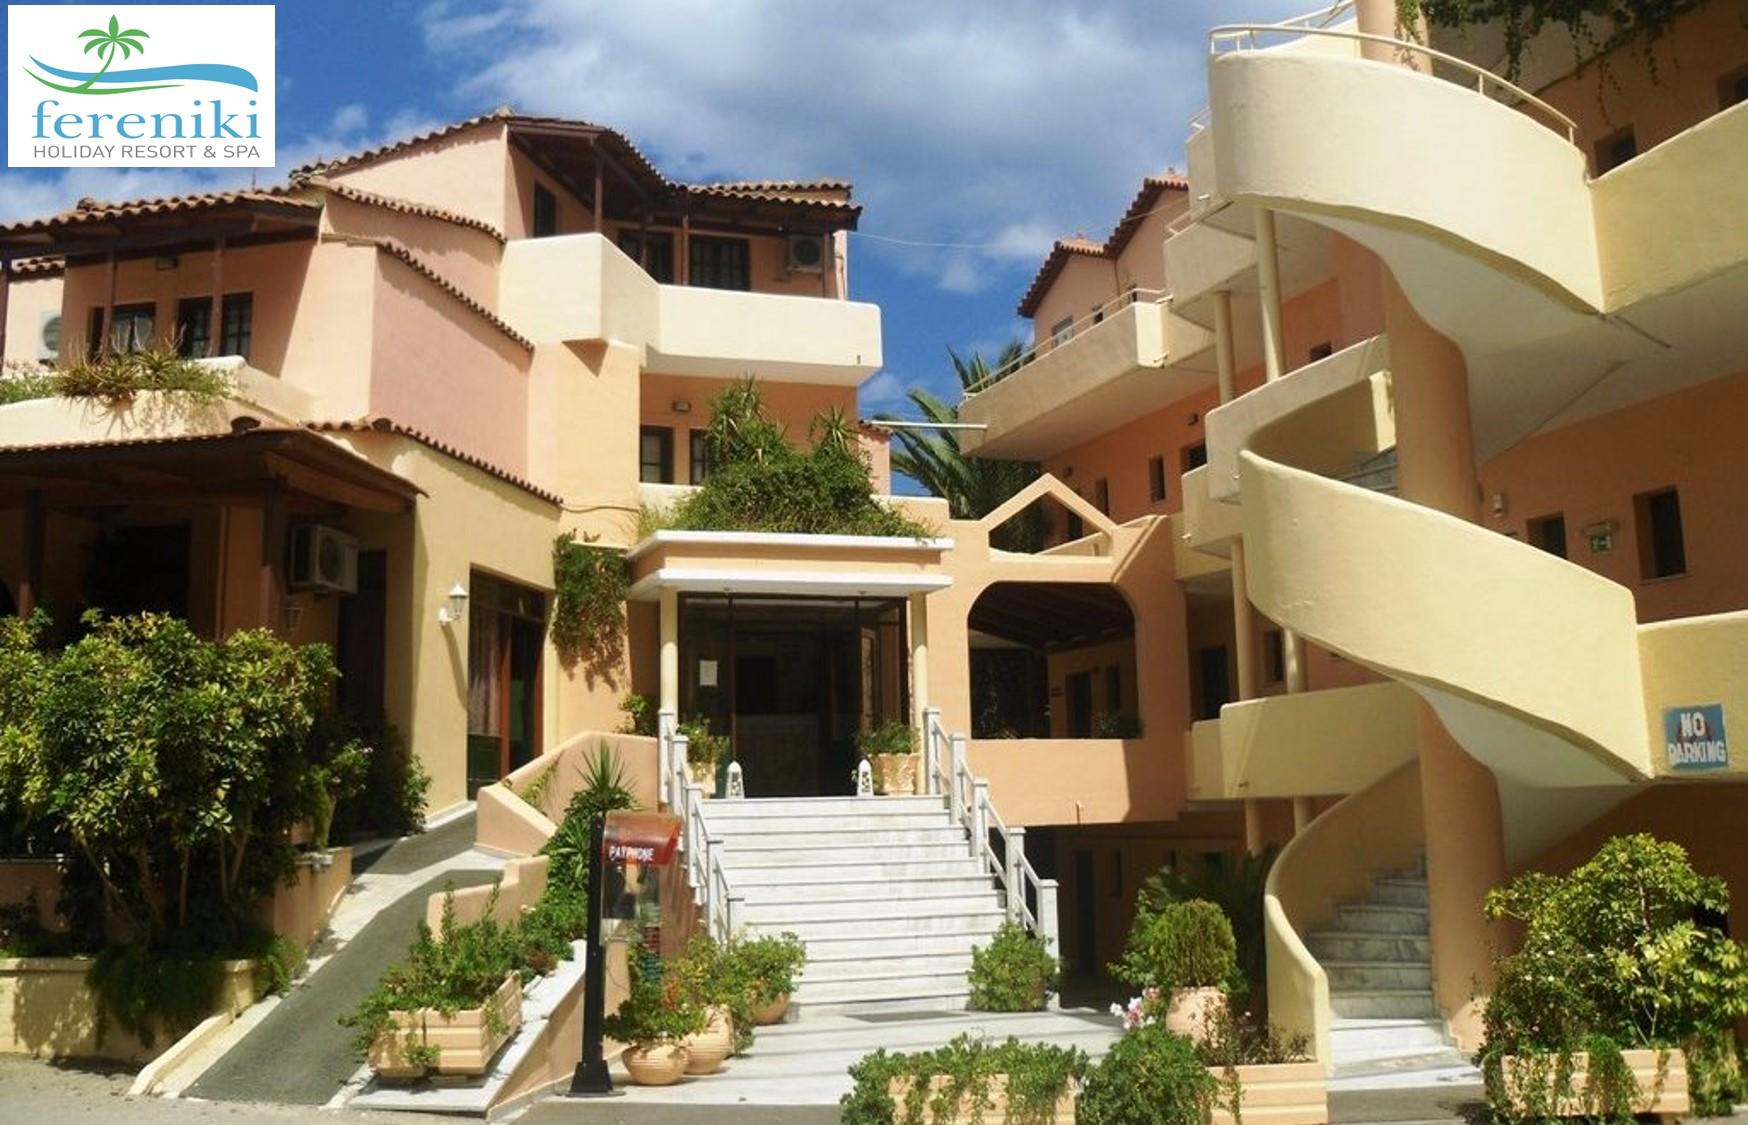 """Διακοπες στα ΧΑΝΙΑ: Απο 280€ για 6ημερη αποδραση 2 ατομων, ALL INCLUSIVE, στο υπεροχο »Fereniki Holiday Resort & Spa"""" στη Γεωργιουπολη"""